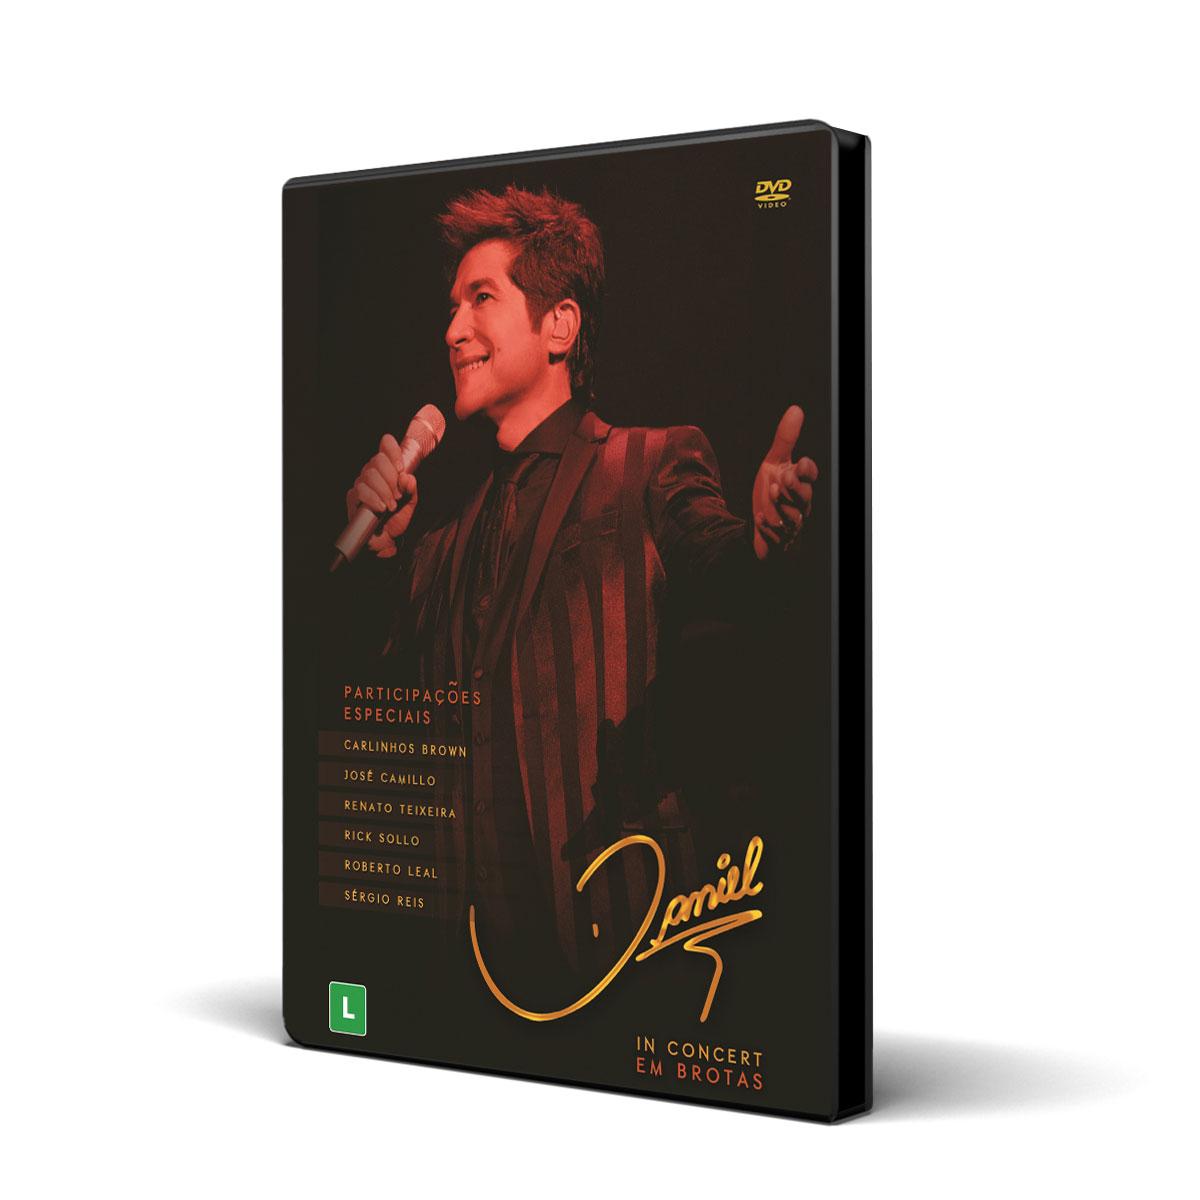 DVD Daniel In Concert Em Brotas